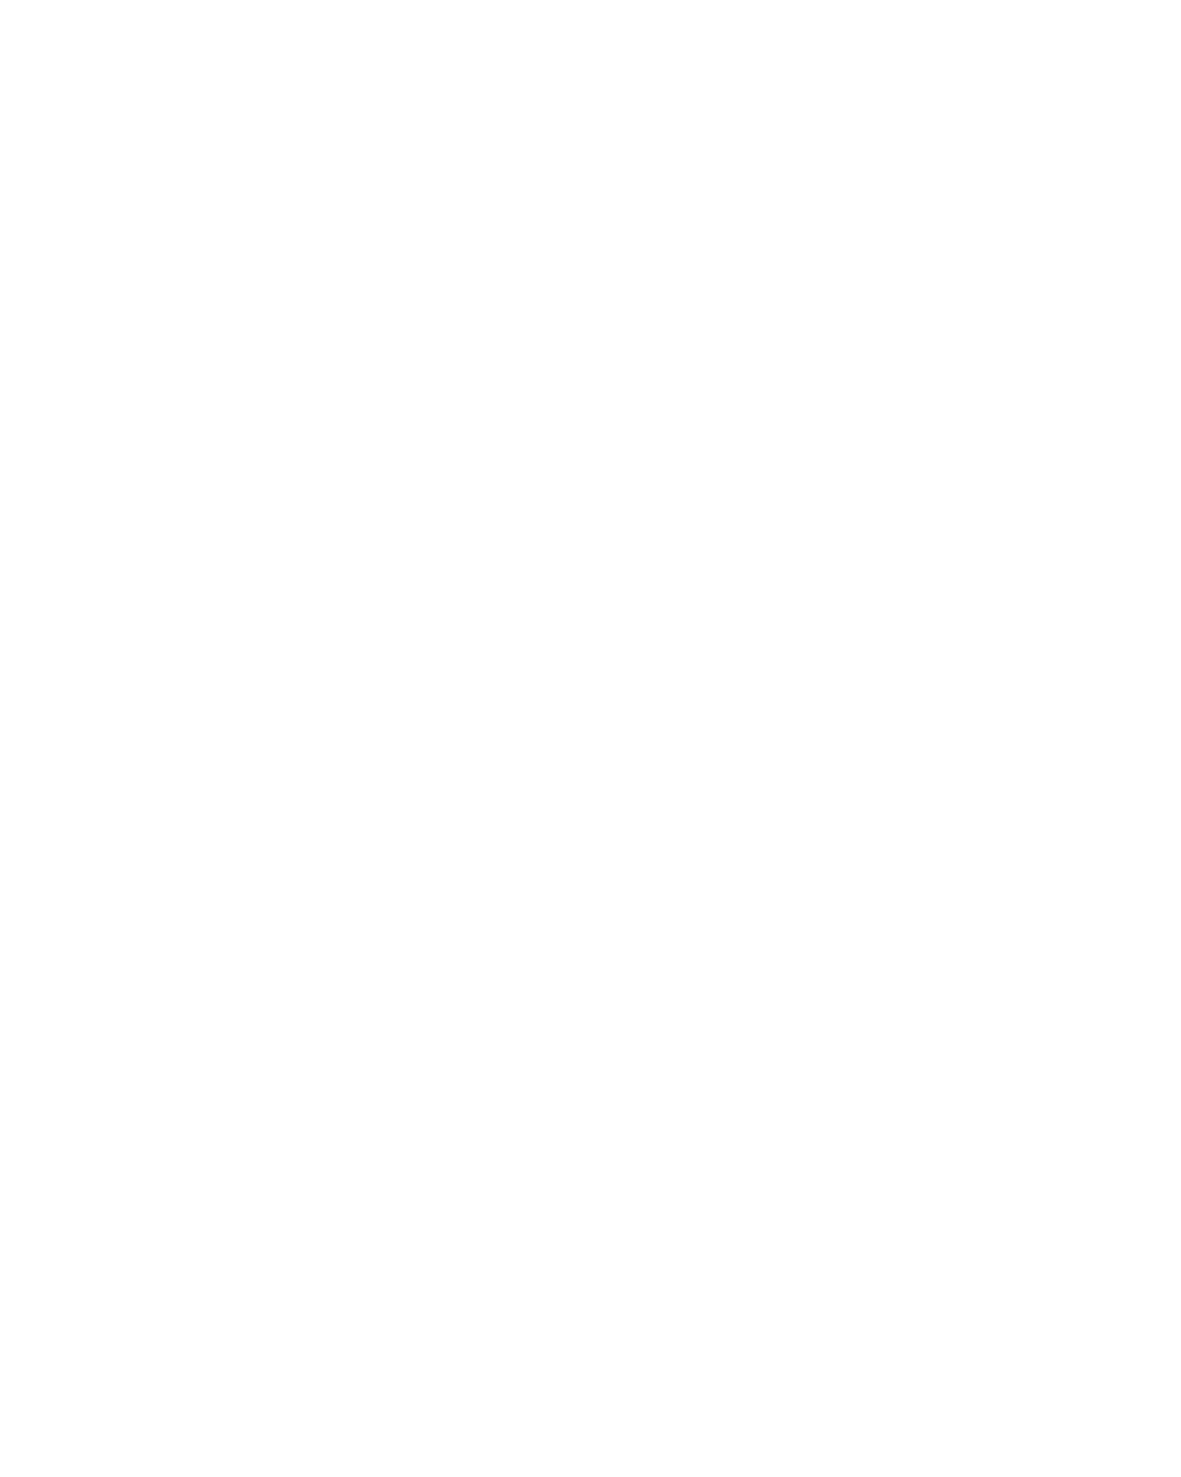 Lichtbildnerei Kristin Lehmann - Plauen